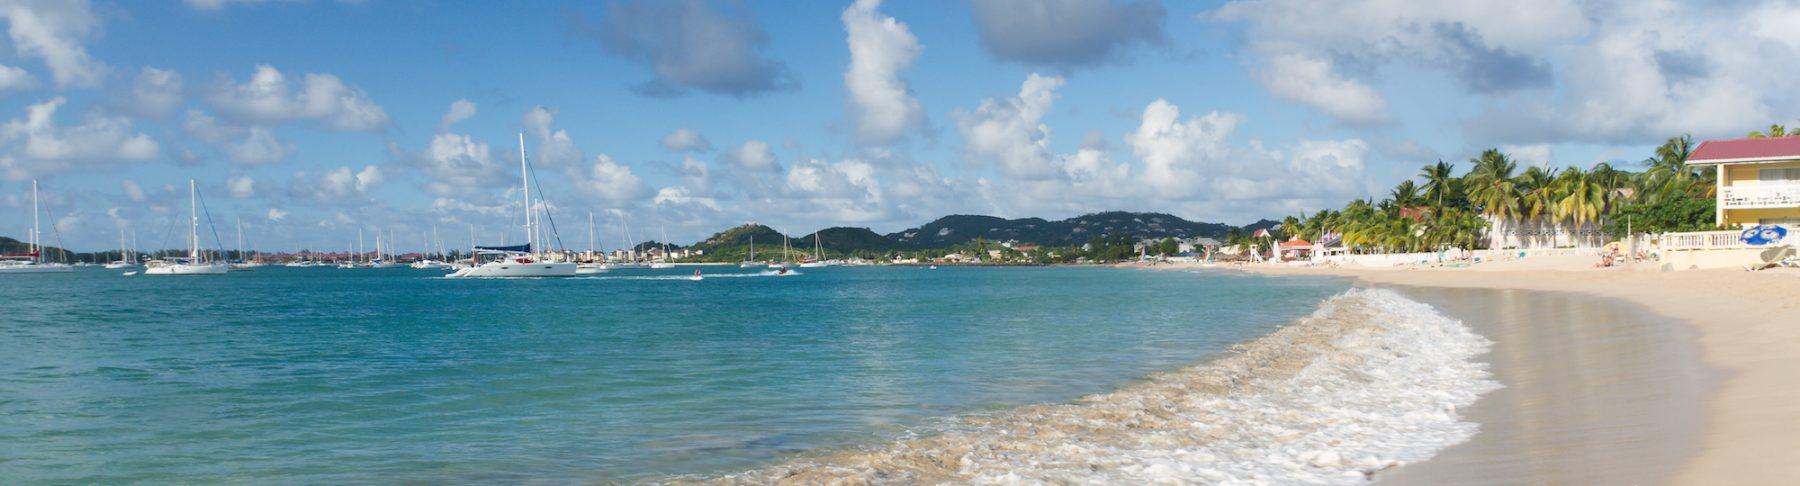 Surf On A Caribbean Beach